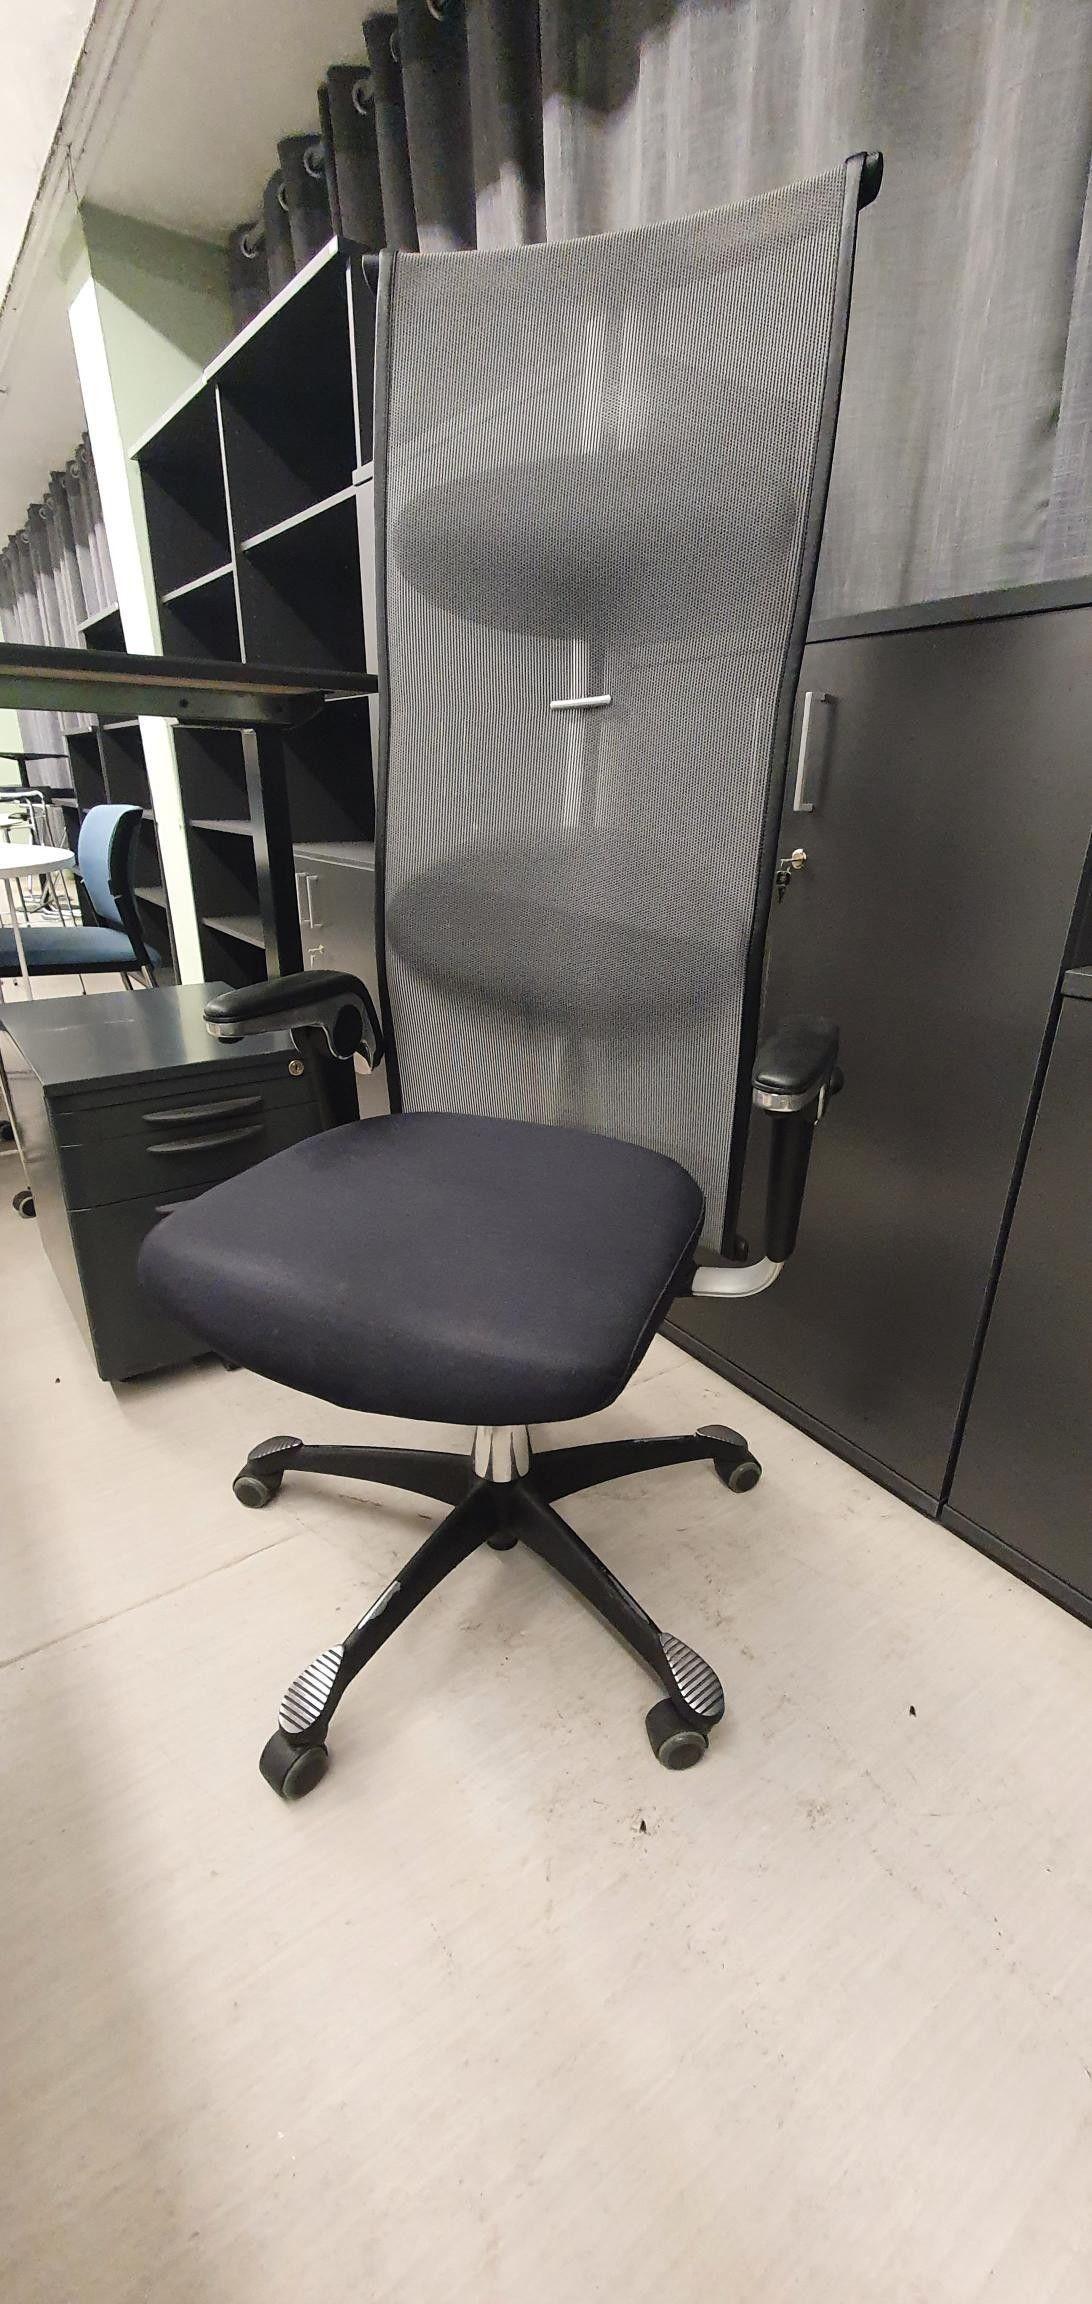 Vitra kontorstol Degvold Kontormøbler AS